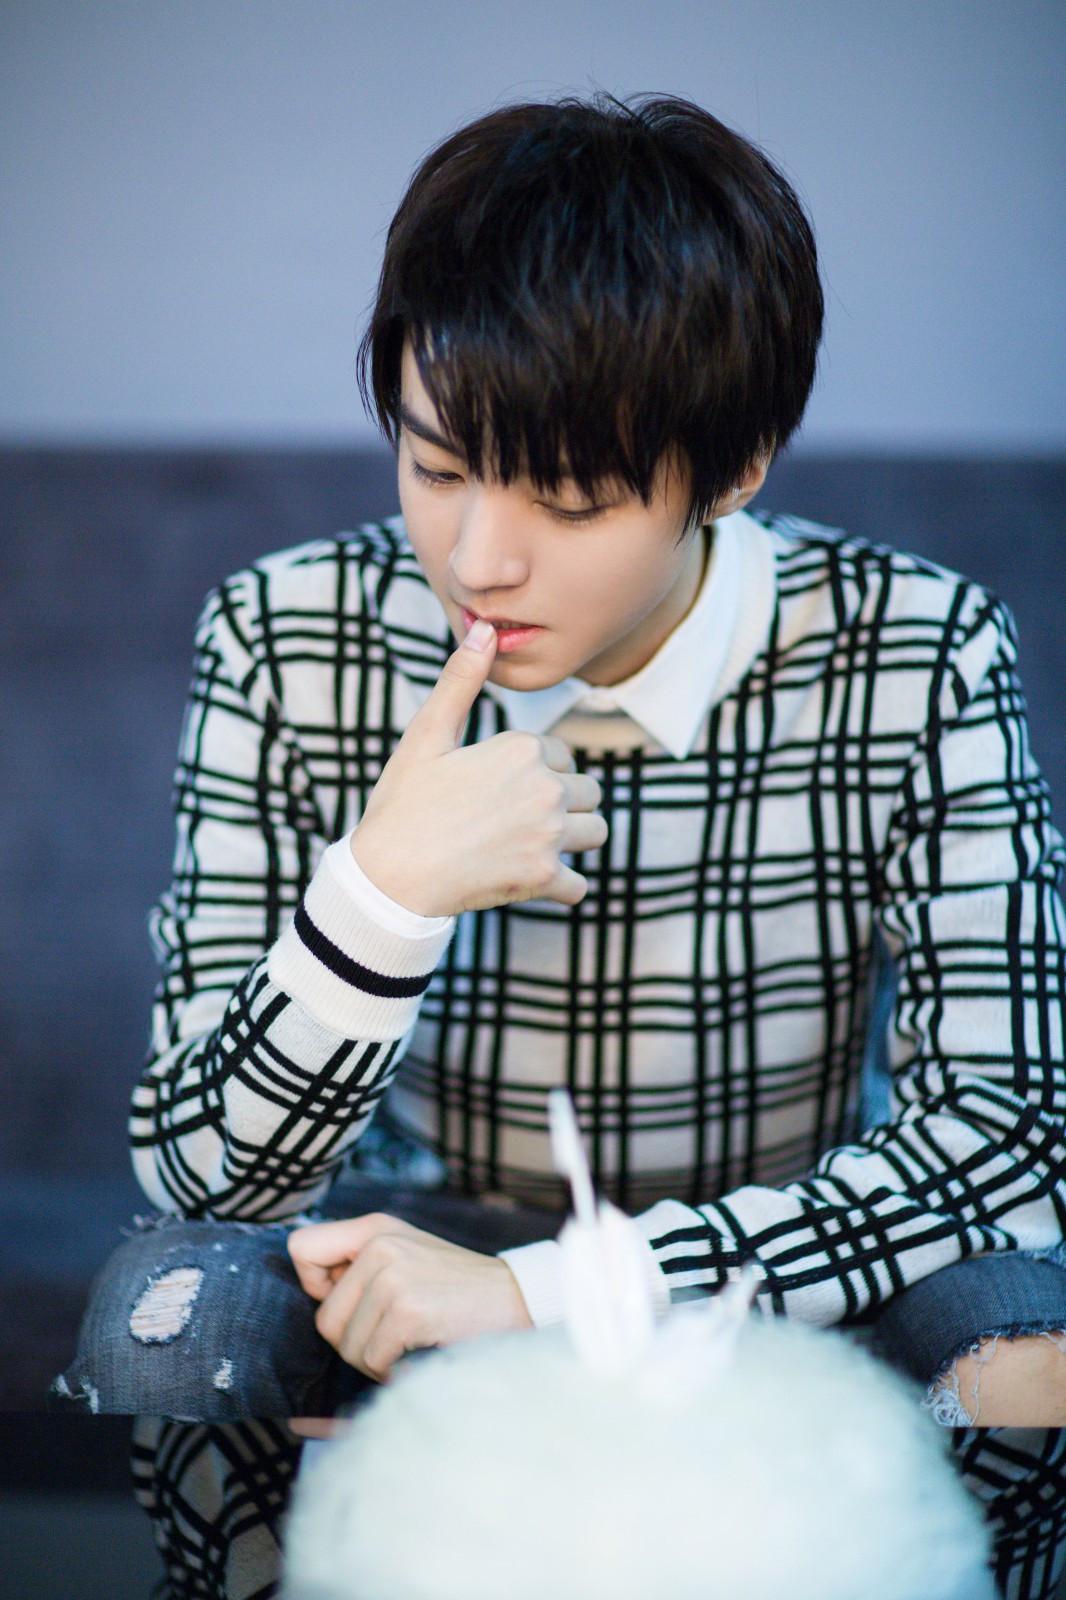 十八岁生日文字_生日快乐呀,我们十八岁的王俊凯.